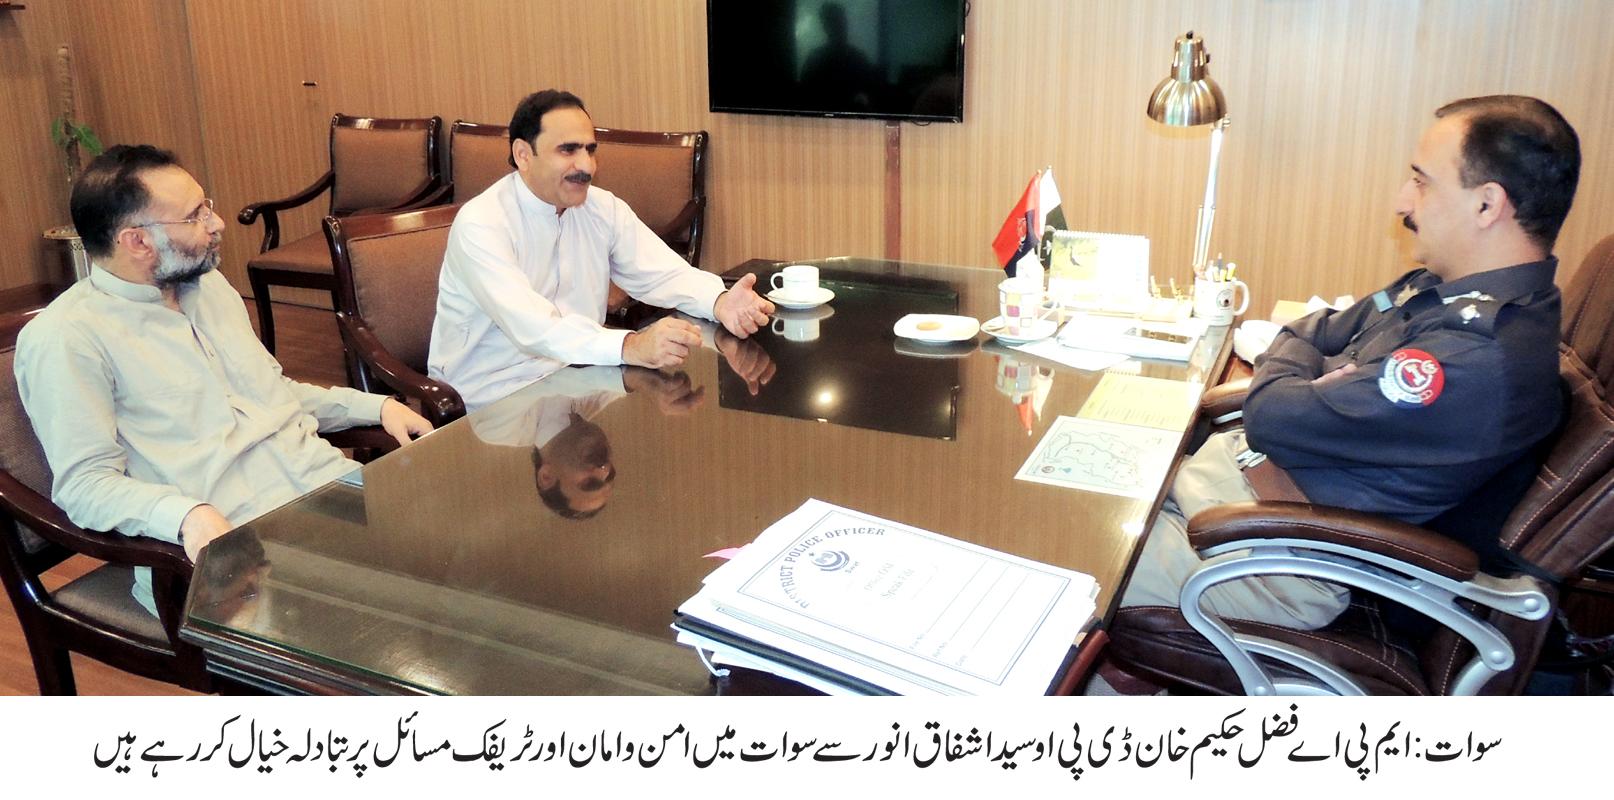 ایم پی اے فضل حکیم خان کا قیام امن کے حوالے سے ڈی پی او سوات سے اہم ملاقات